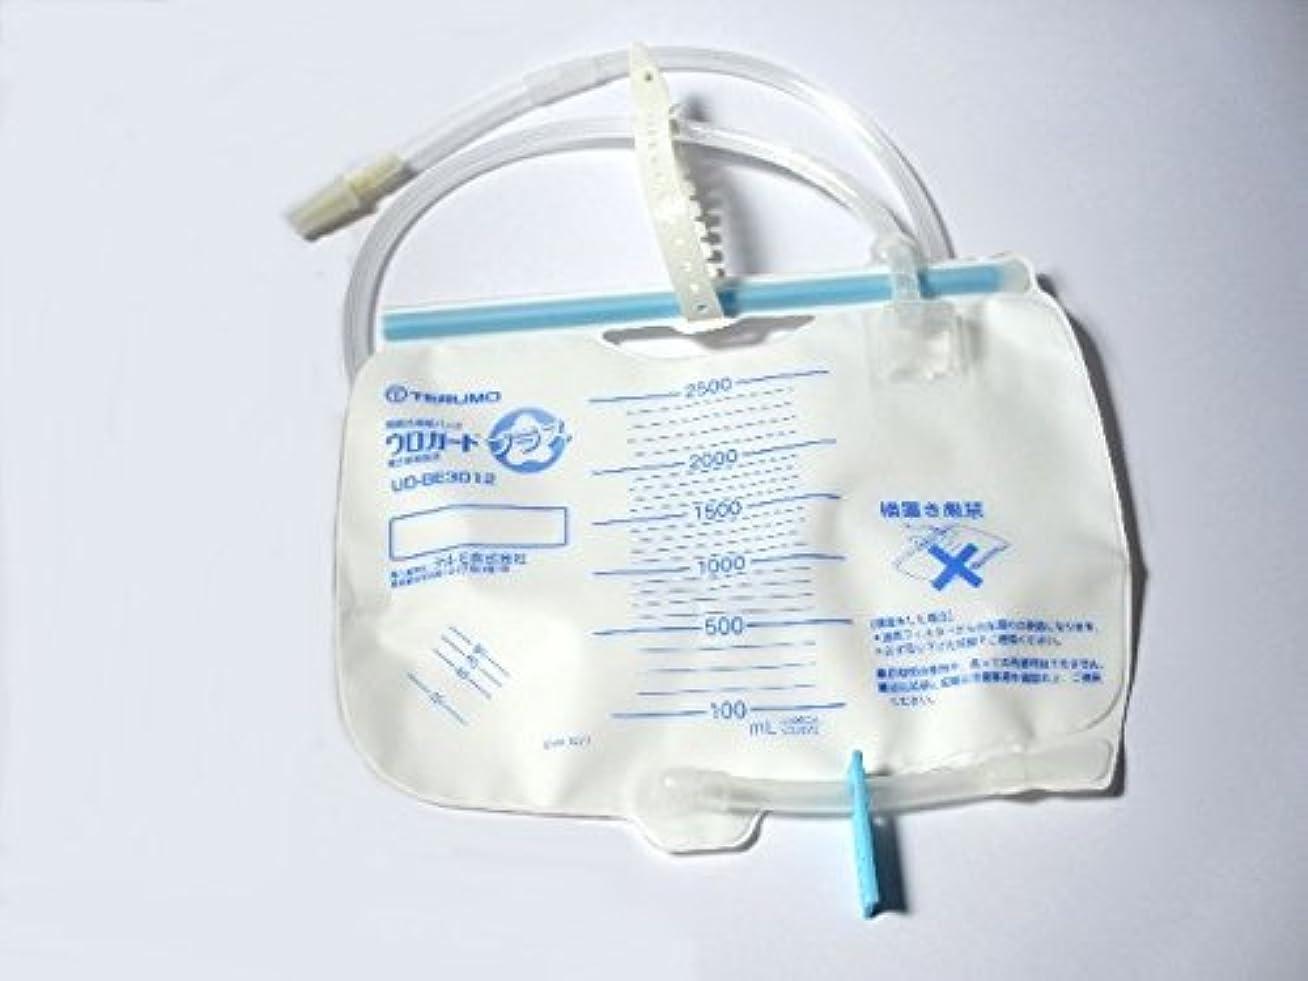 昇る逃れる志すテルモ UD-BE3012 ウロガードプラス 新鮮尿採取口:なし 逆流防止弁:なし